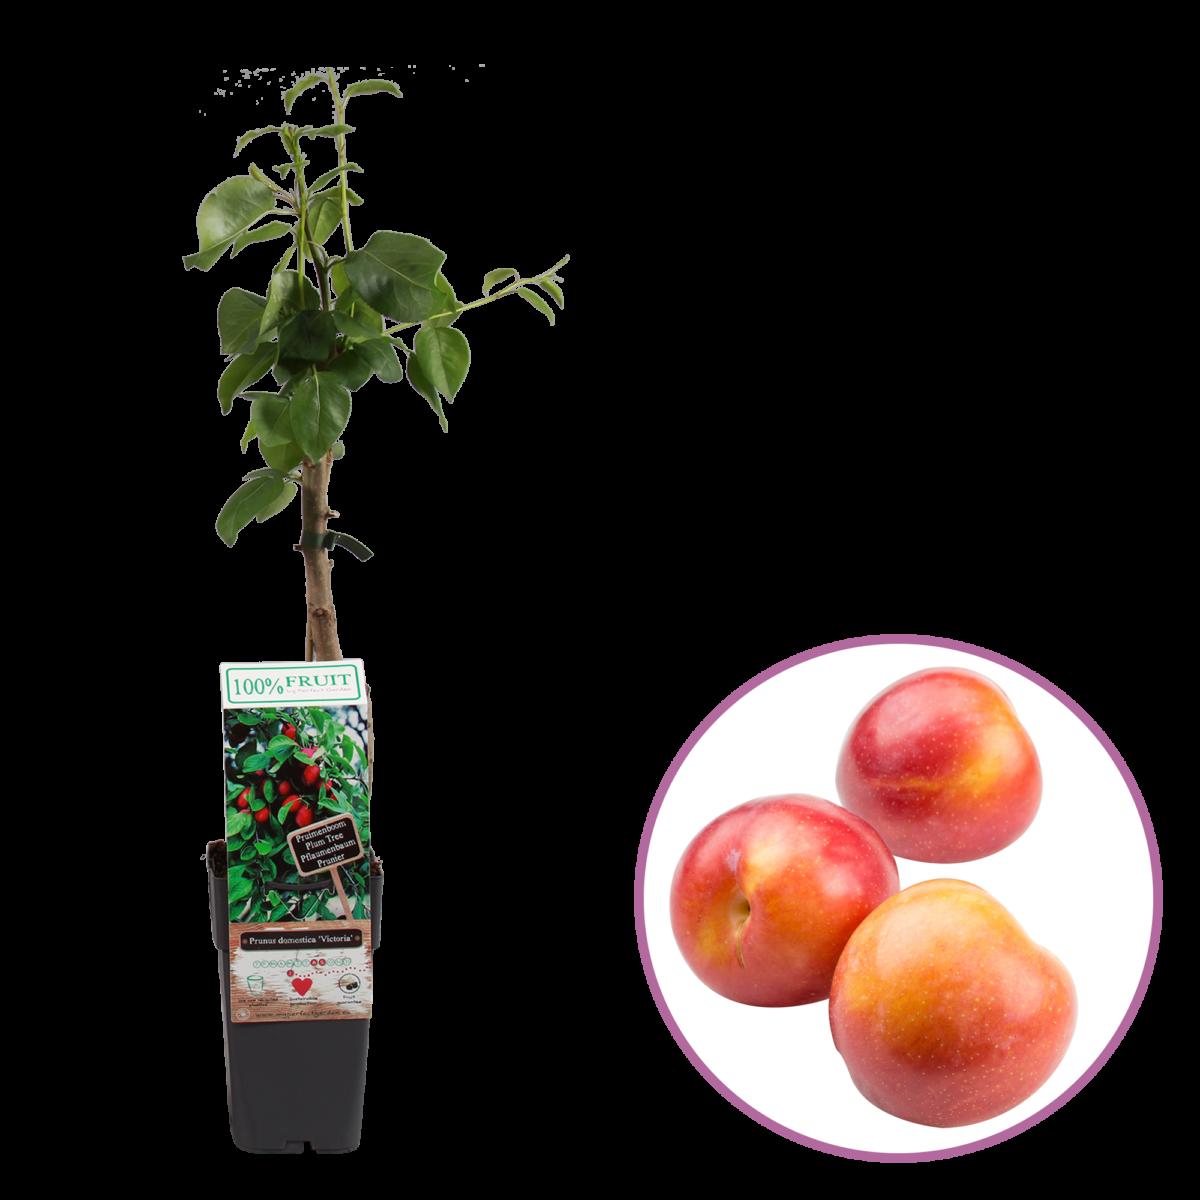 boskoopsefruitbomen | Prunus Victoria